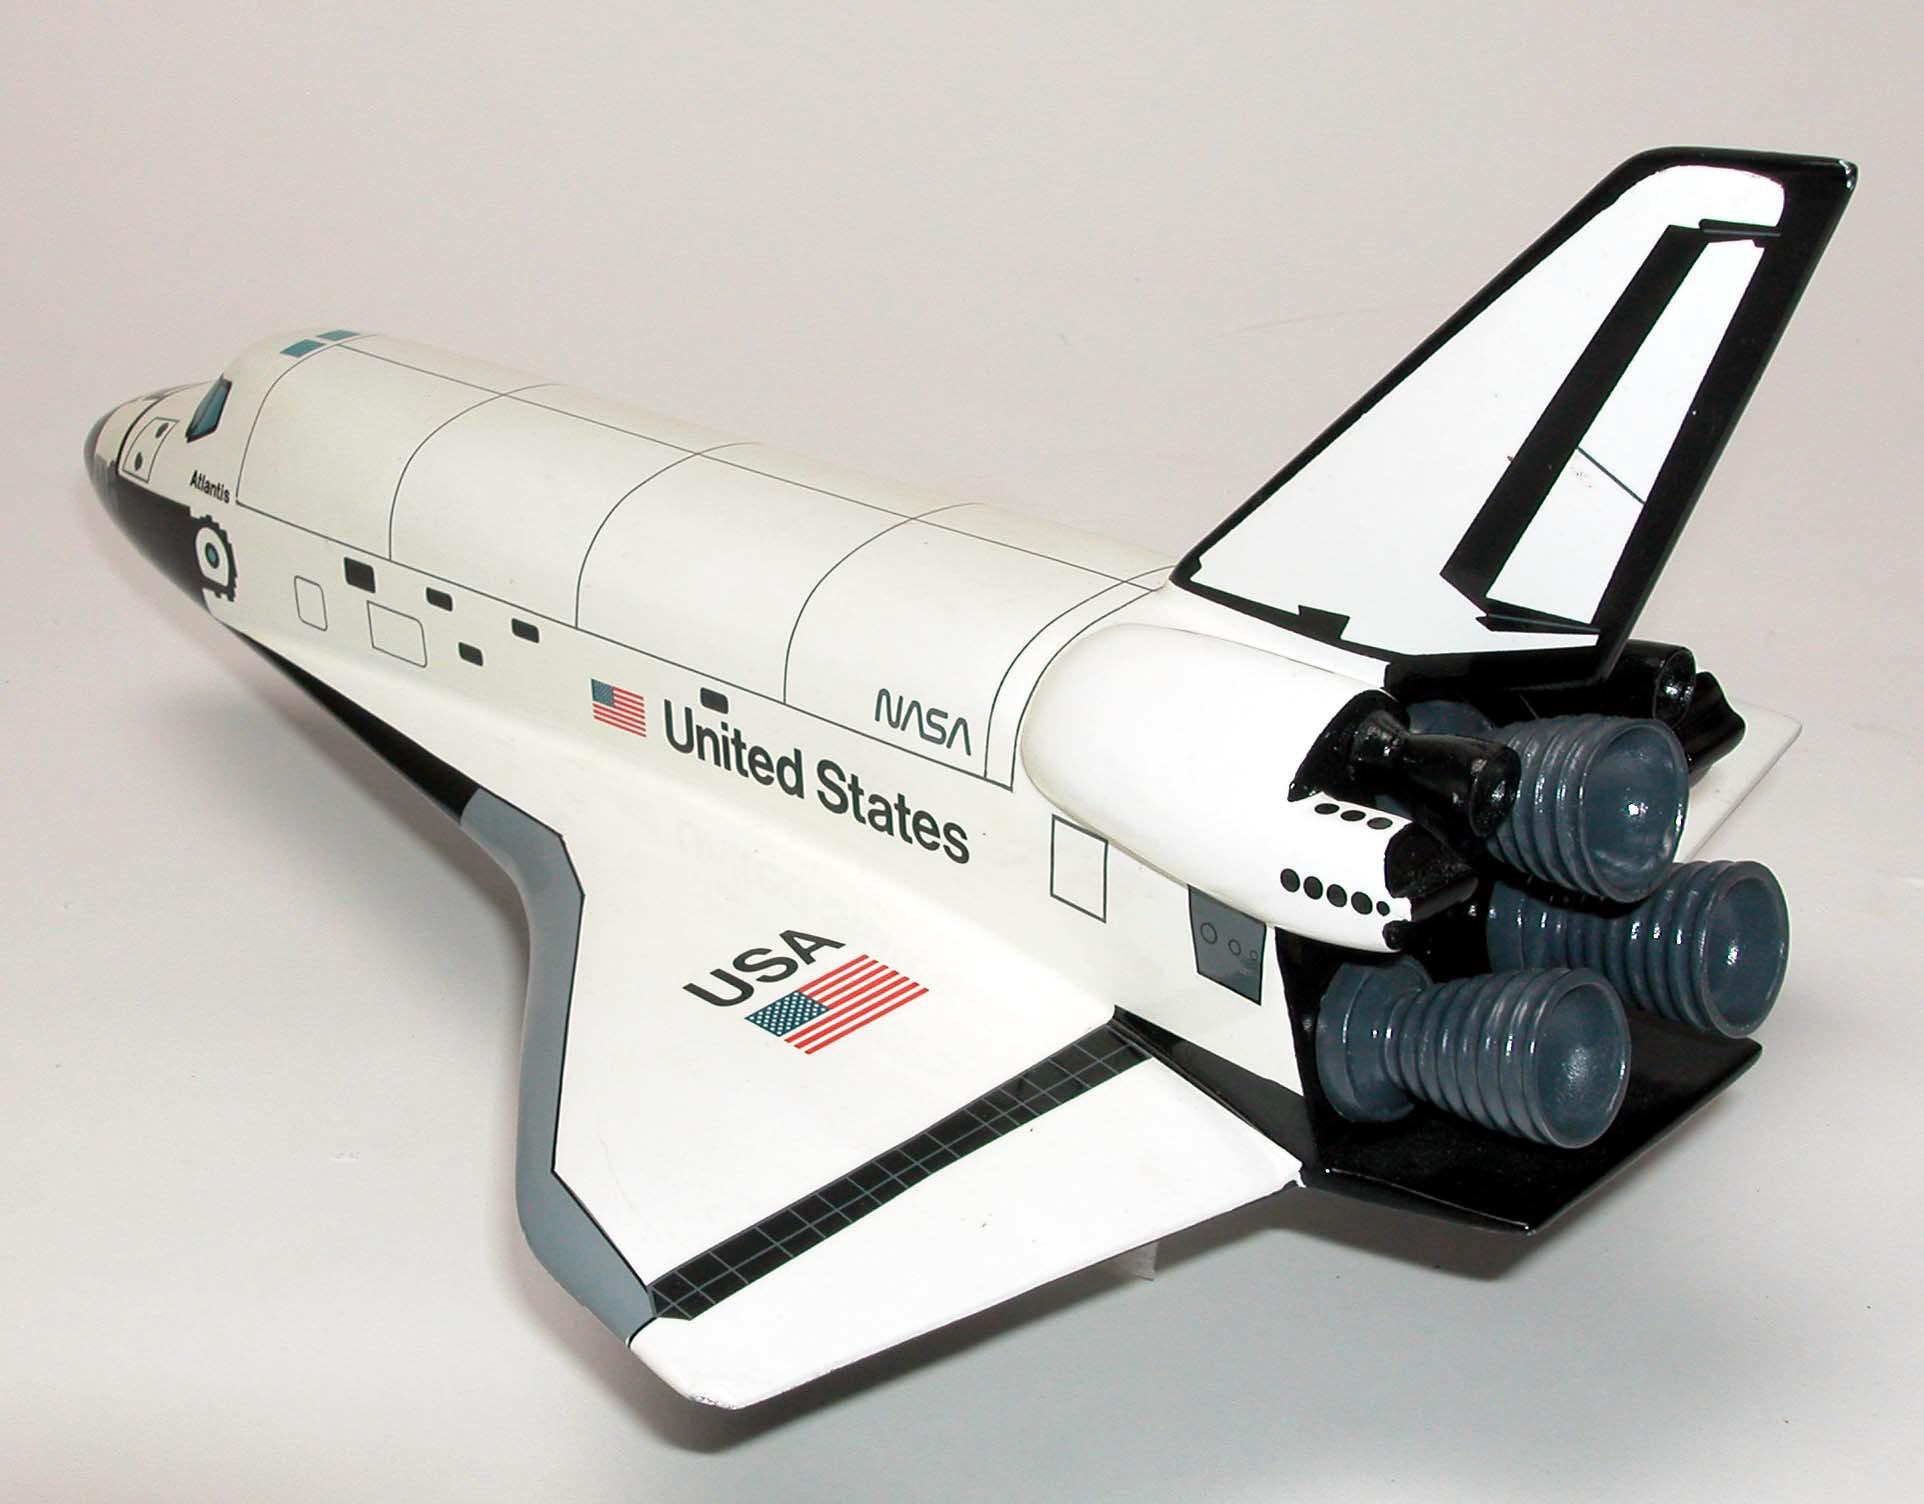 space shuttle orbiter atlantis - photo #5